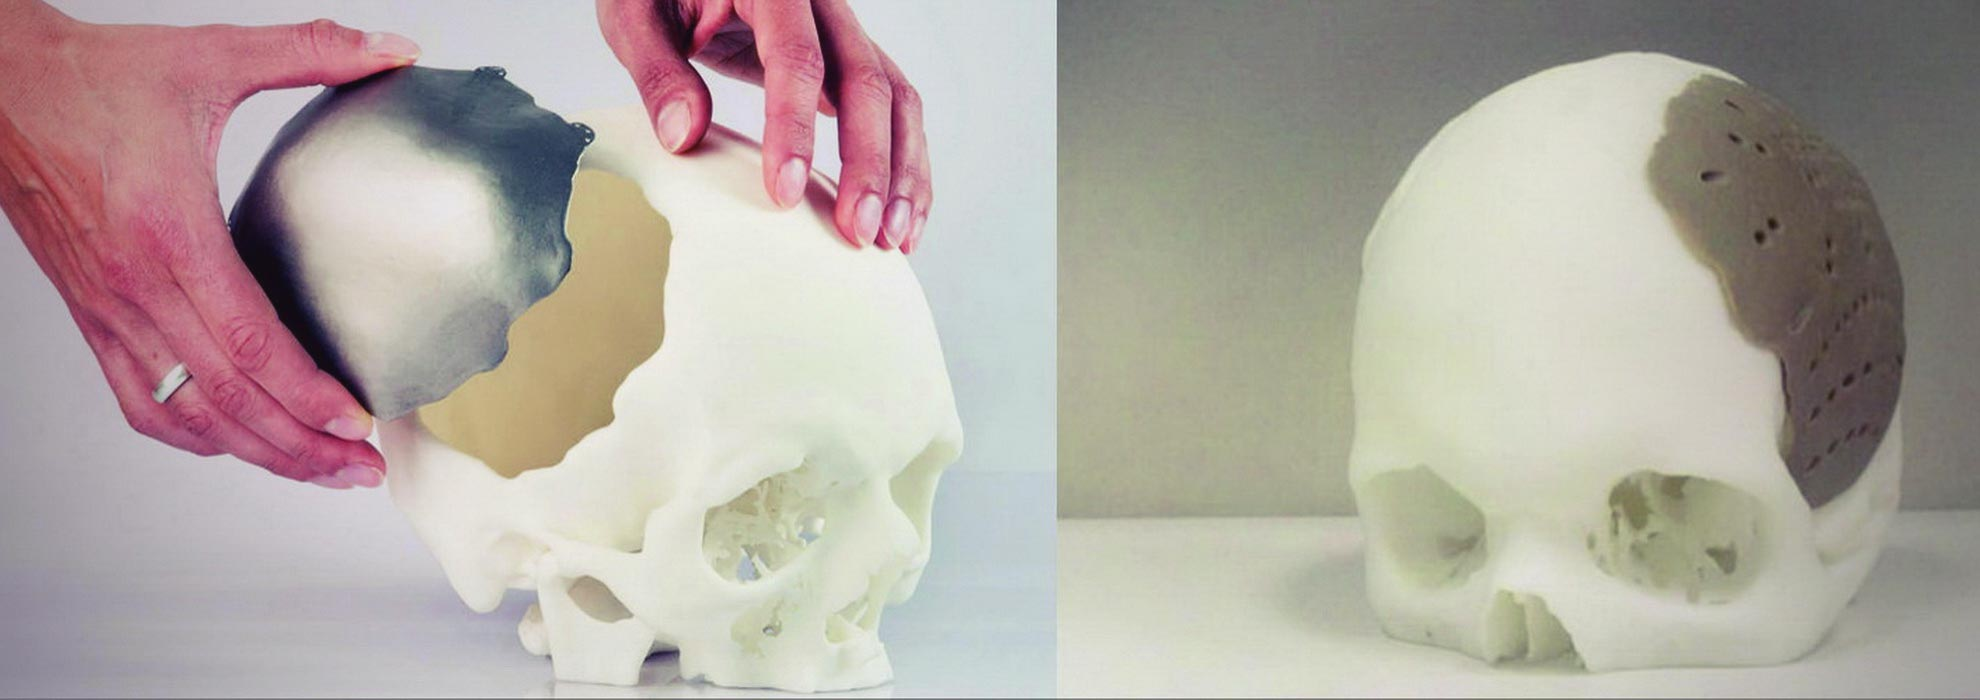 Макет части черепа для изготовления титановой пластины